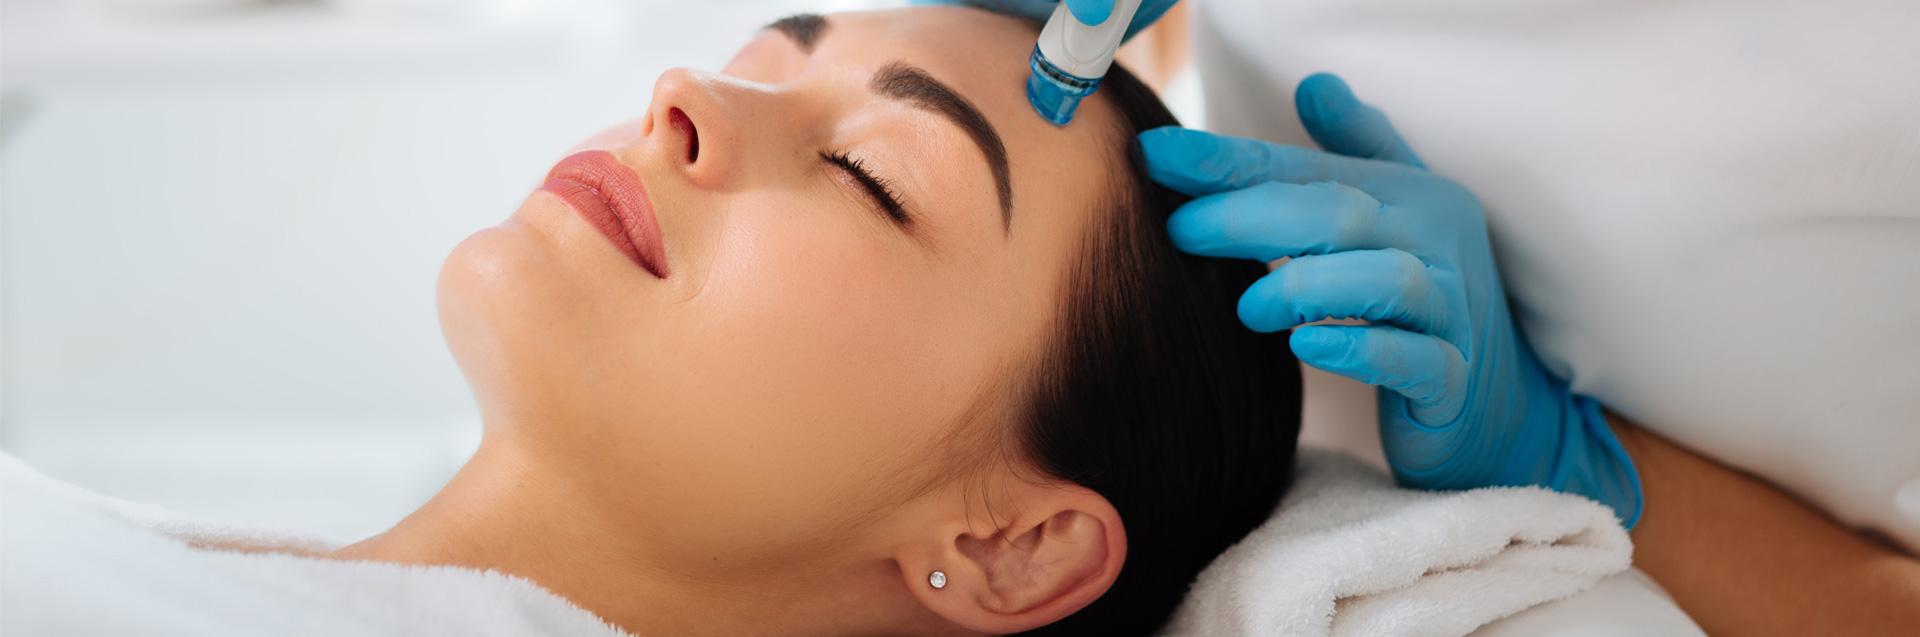 IDENTITÀ Poliambulatorio Medico-Odontoiatrico - Medicina Estetica